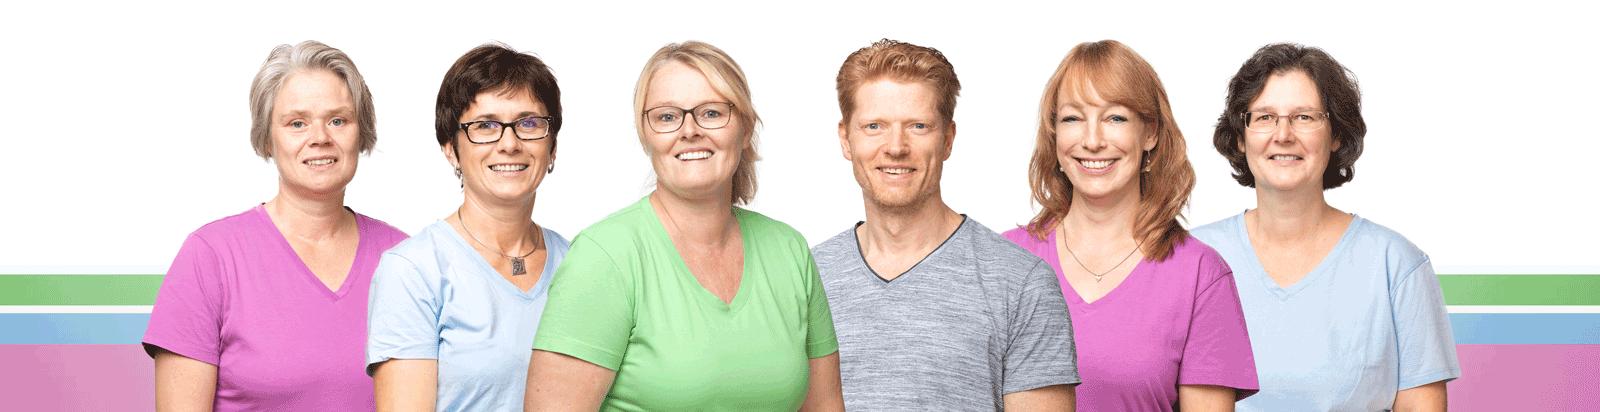 wir-ueber-uns-leitung-gruppenbild-kids-at-home-1600x408